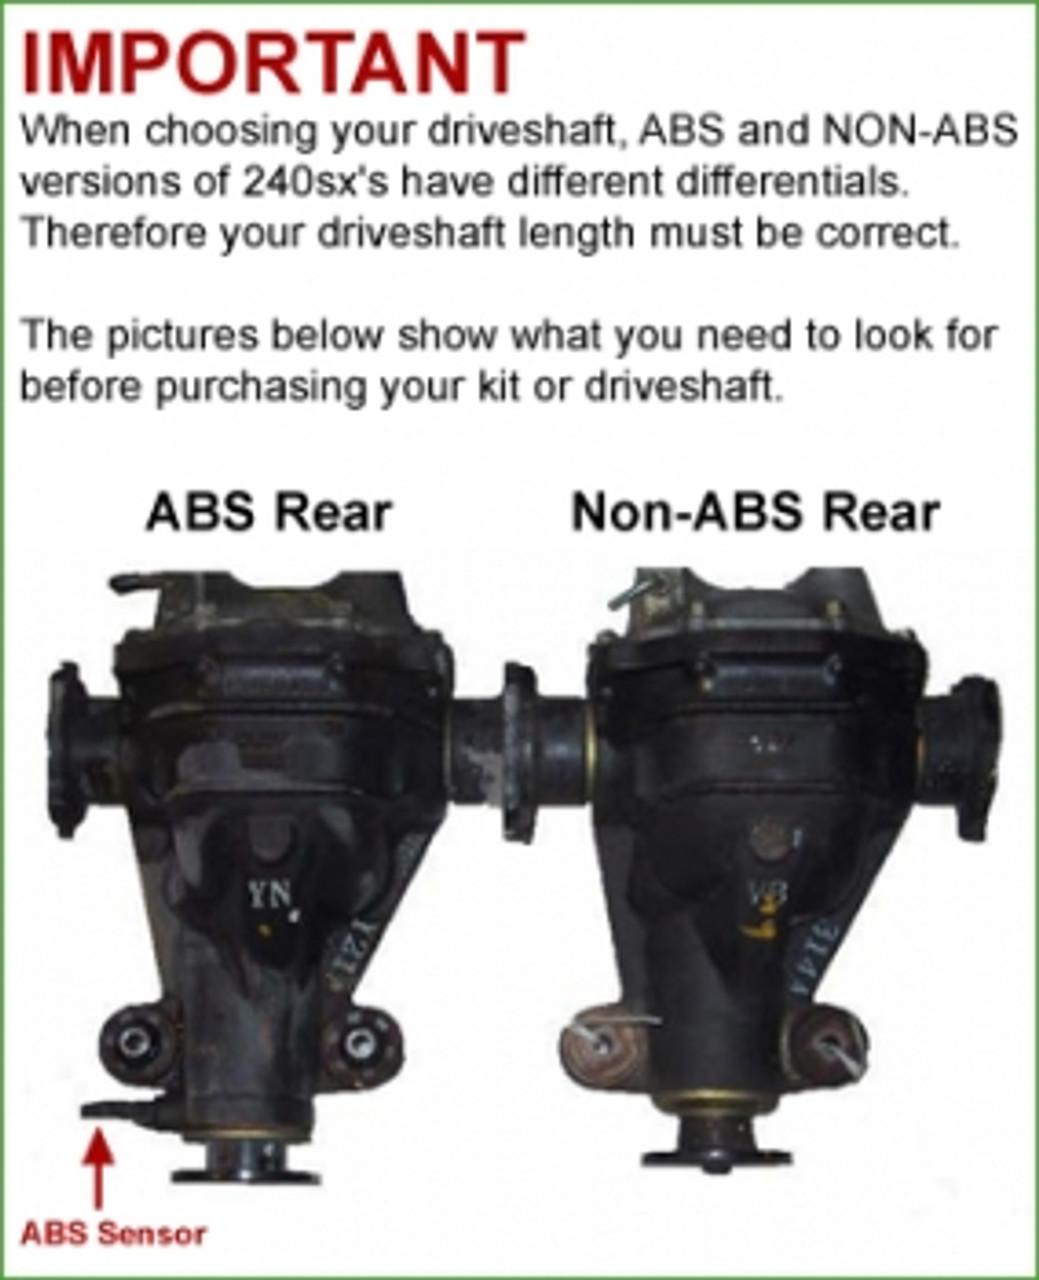 High Pressure Braided Power Steering Line for 1989-1994 Nissan 240SX SR20DET S13